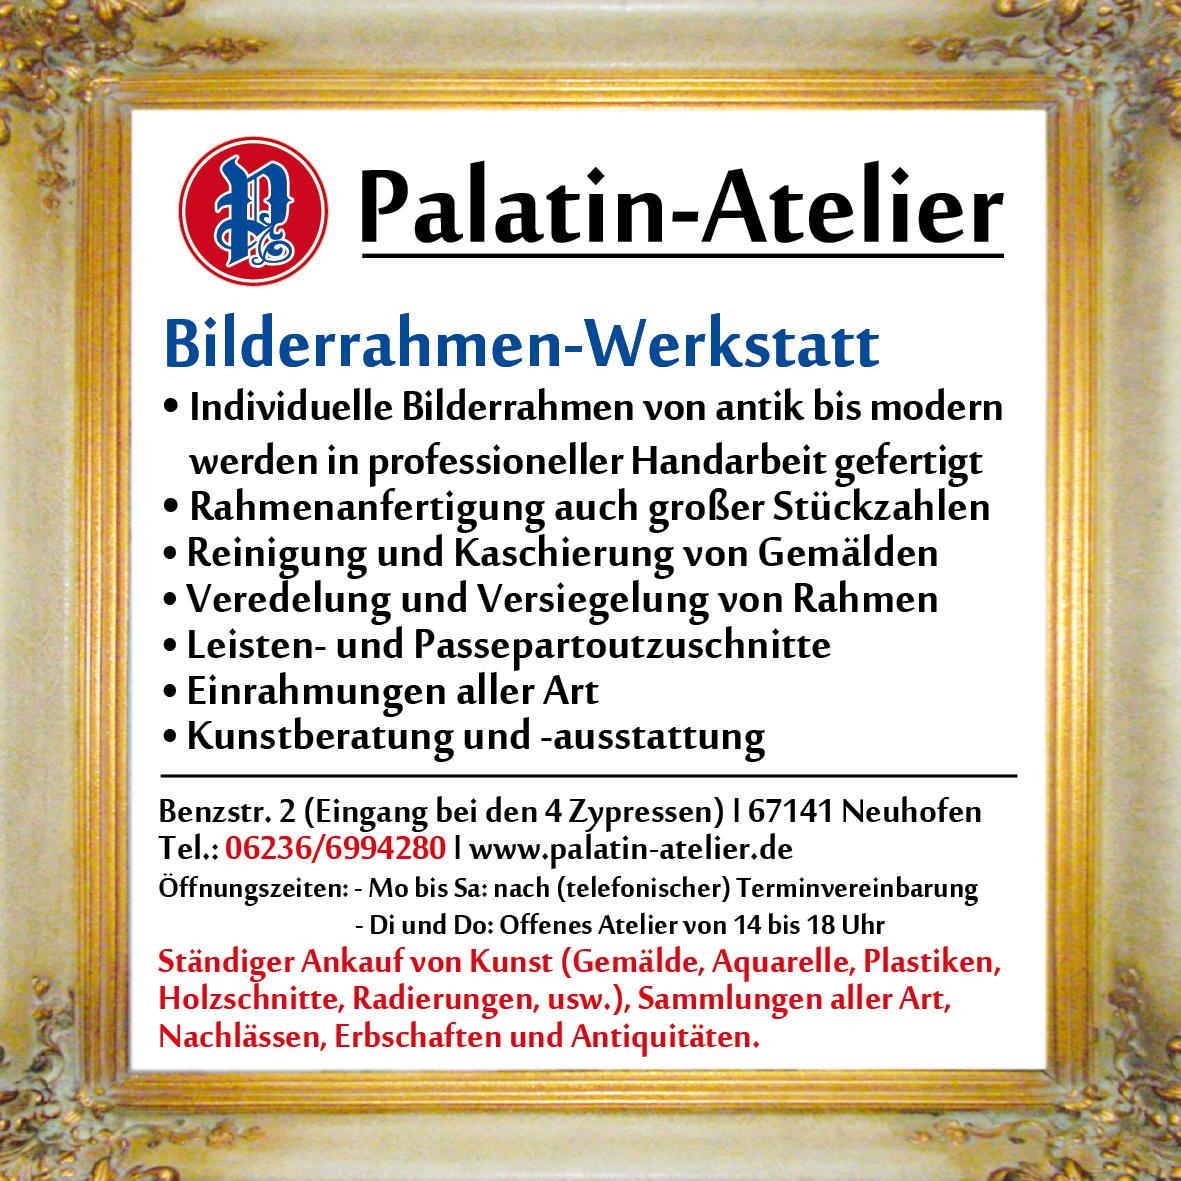 Palatin-Atelier - Kunst-Atelier und Bilderrahmen-Werkstatt